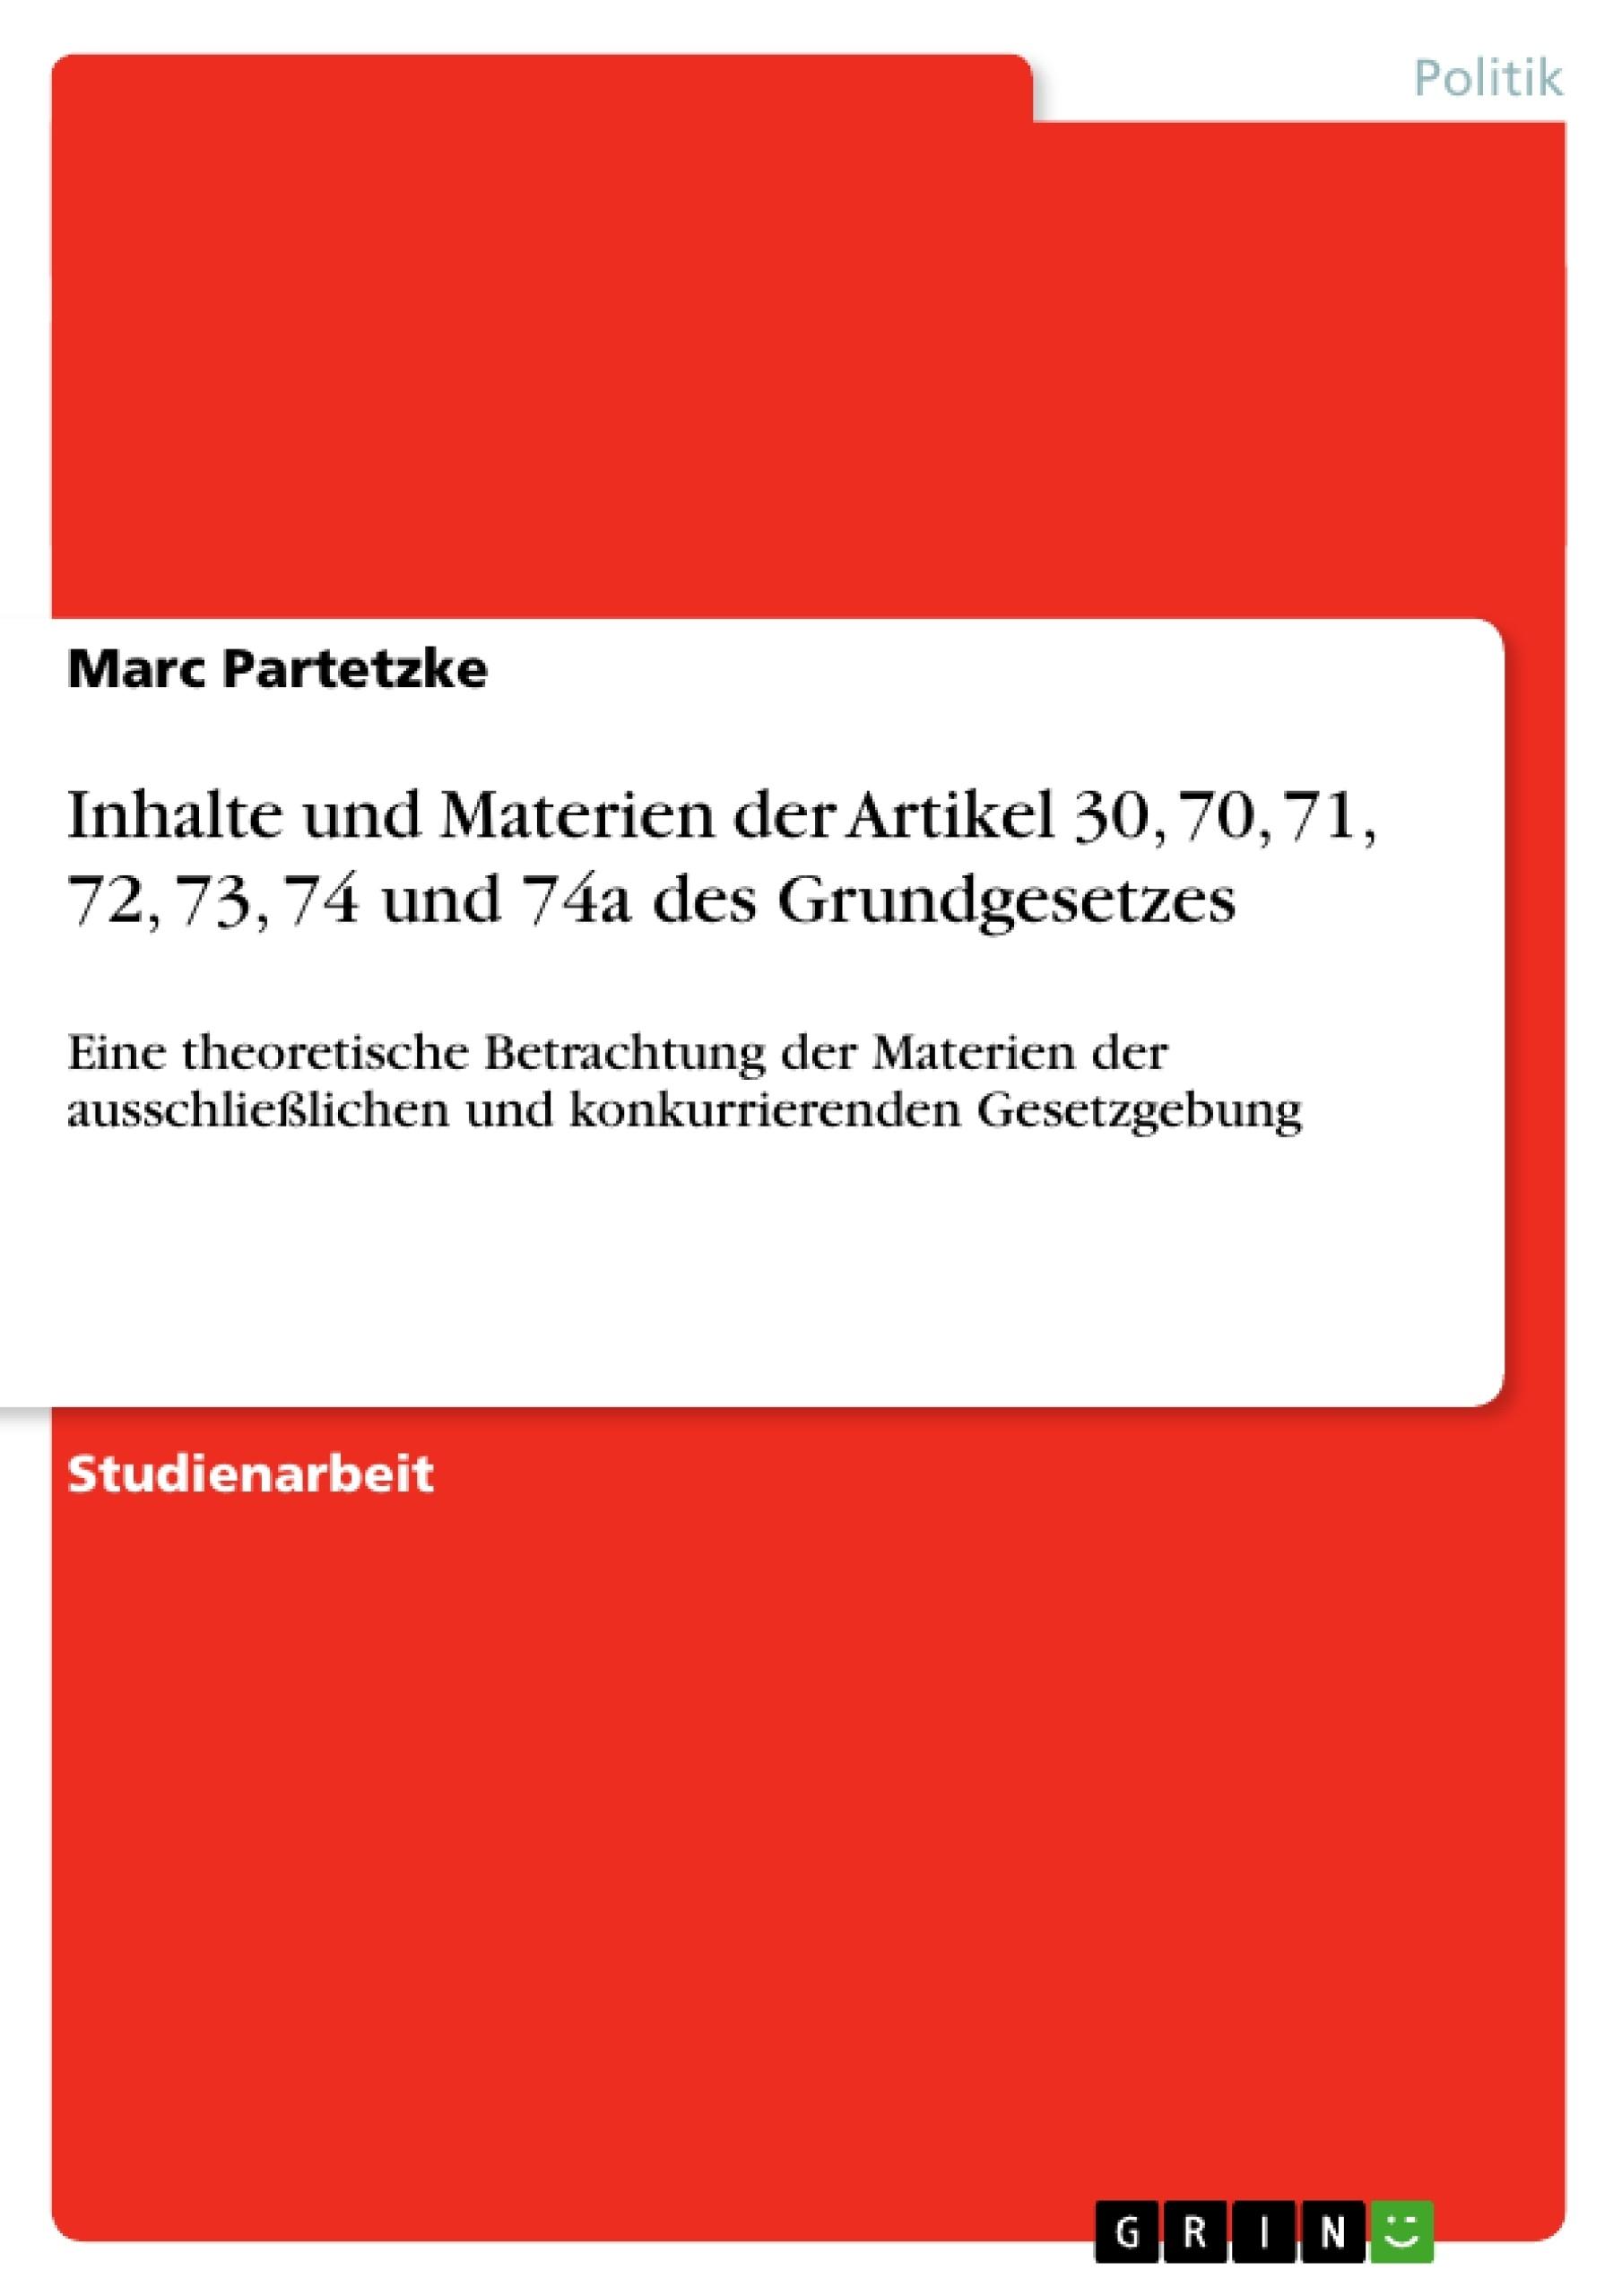 Titel: Inhalte und Materien der Artikel 30, 70, 71, 72, 73, 74 und 74a des Grundgesetzes